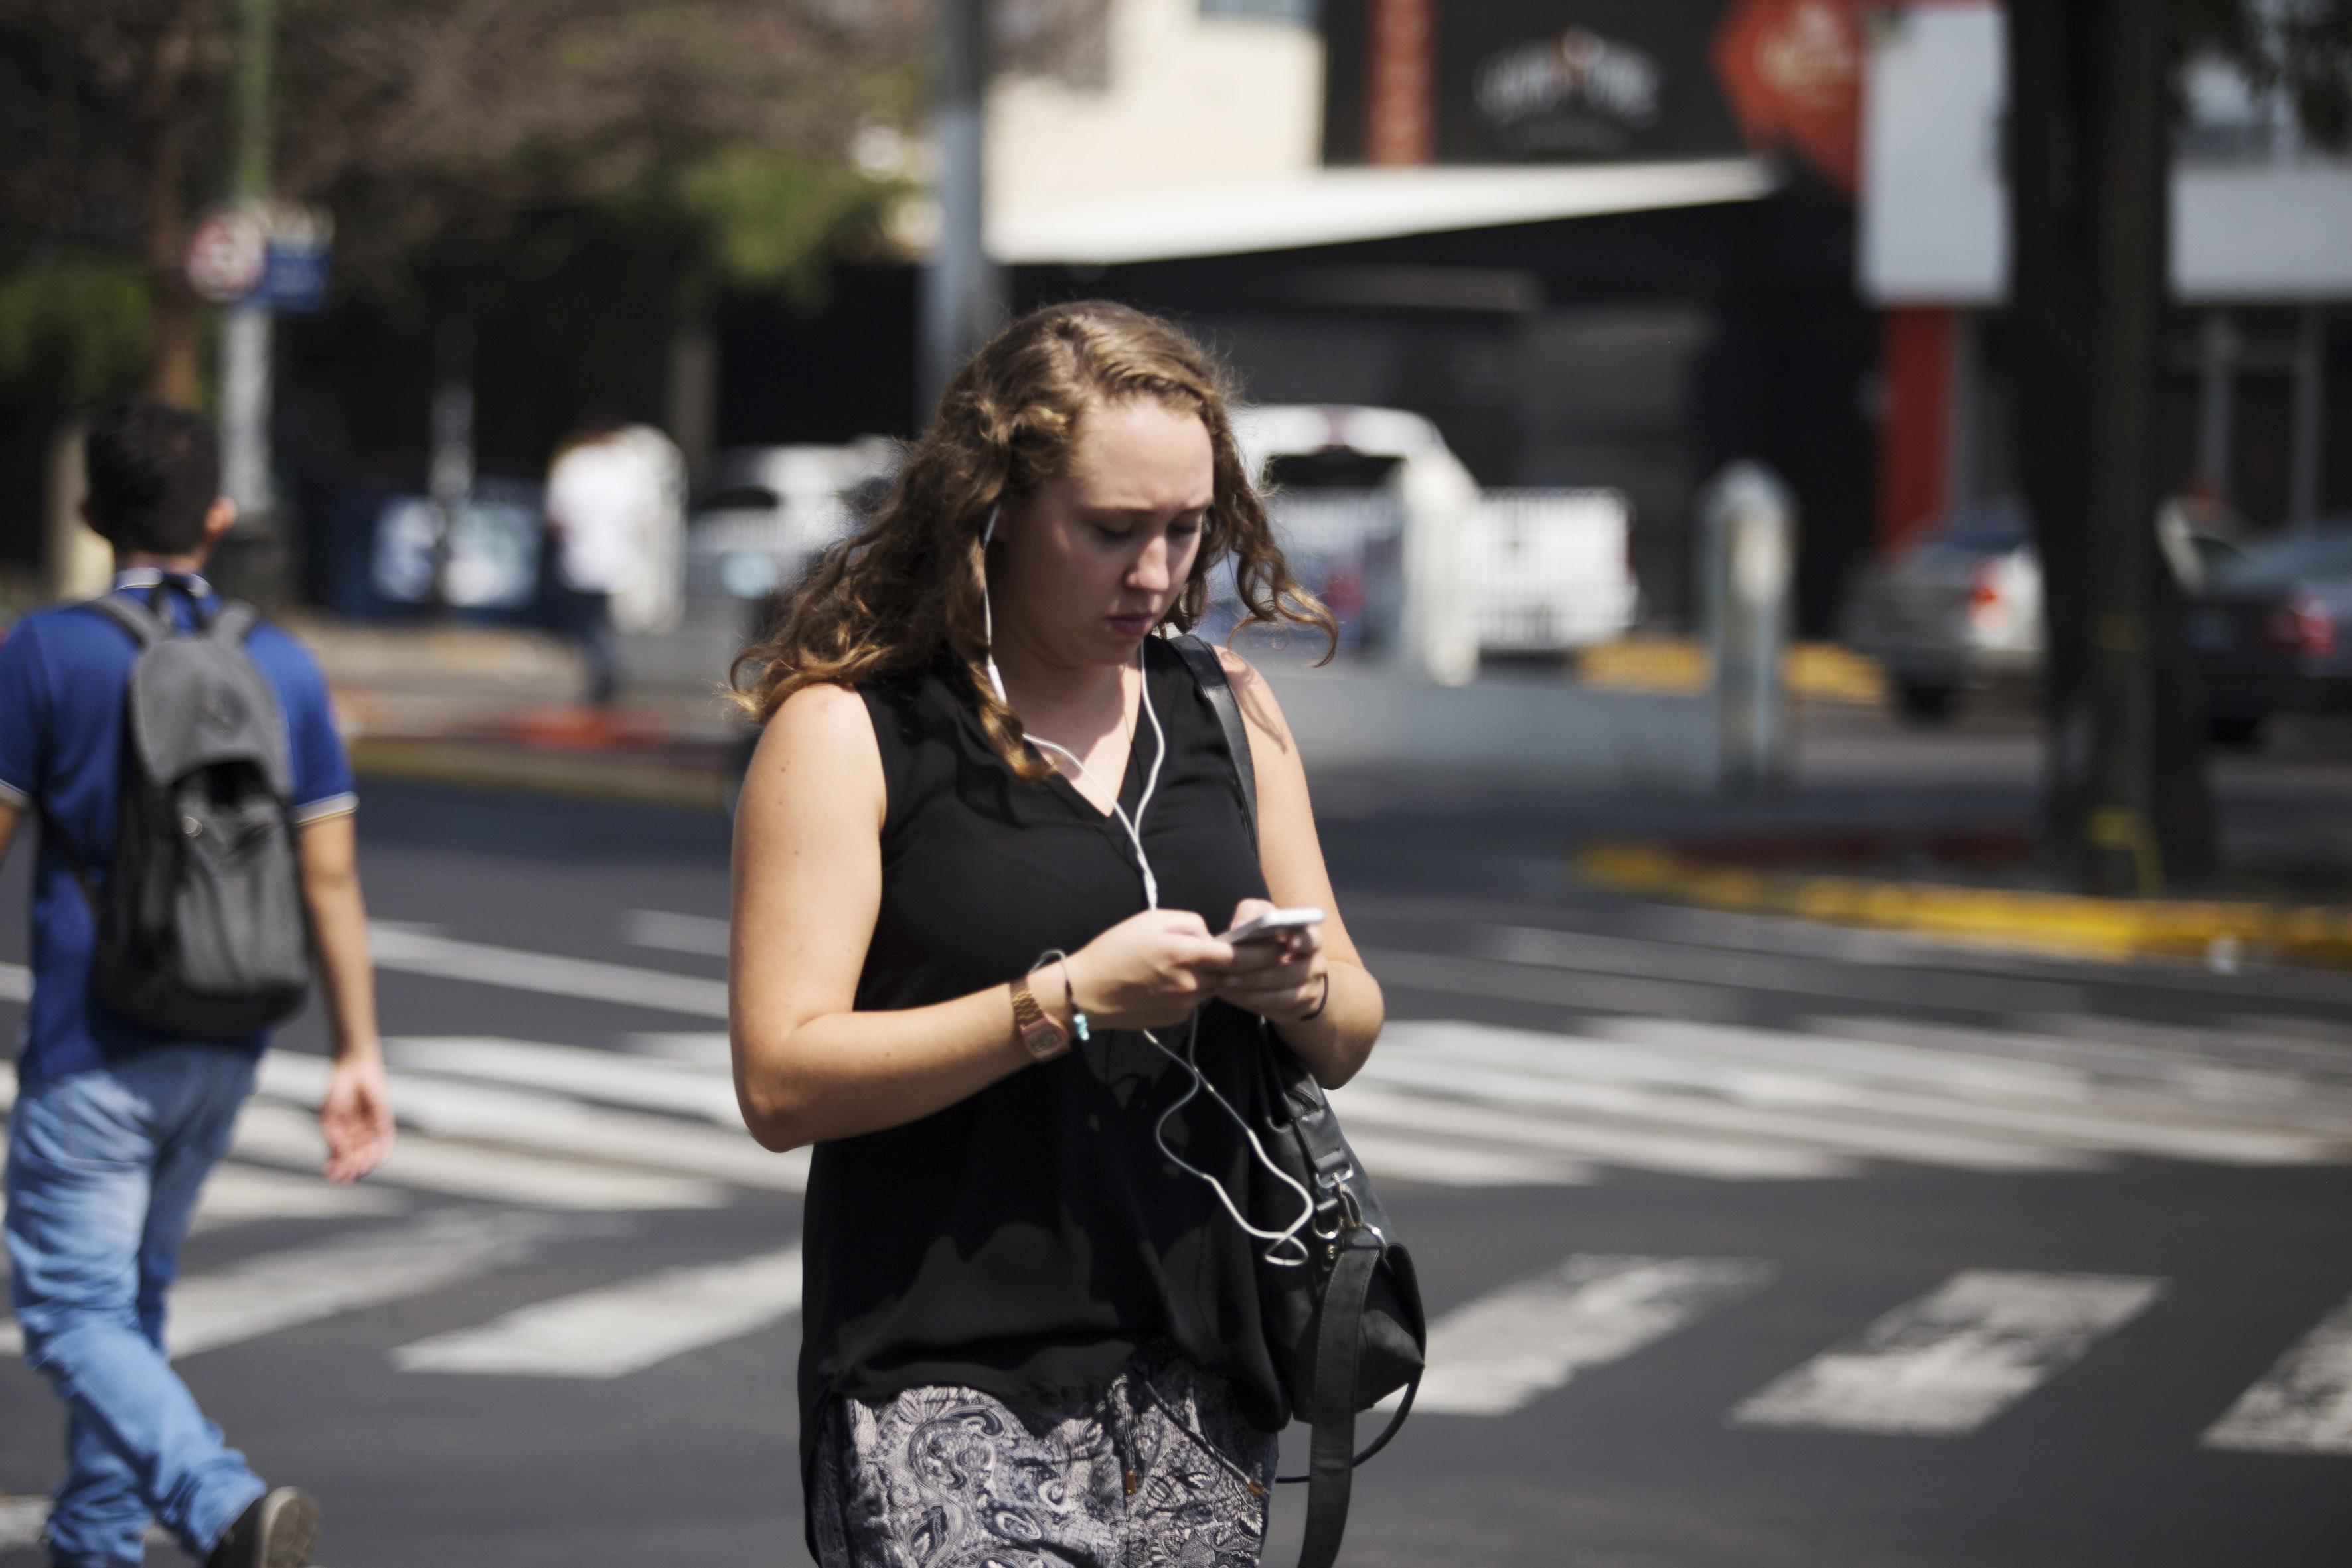 persona transitando por cruce de calle distraida con el celular